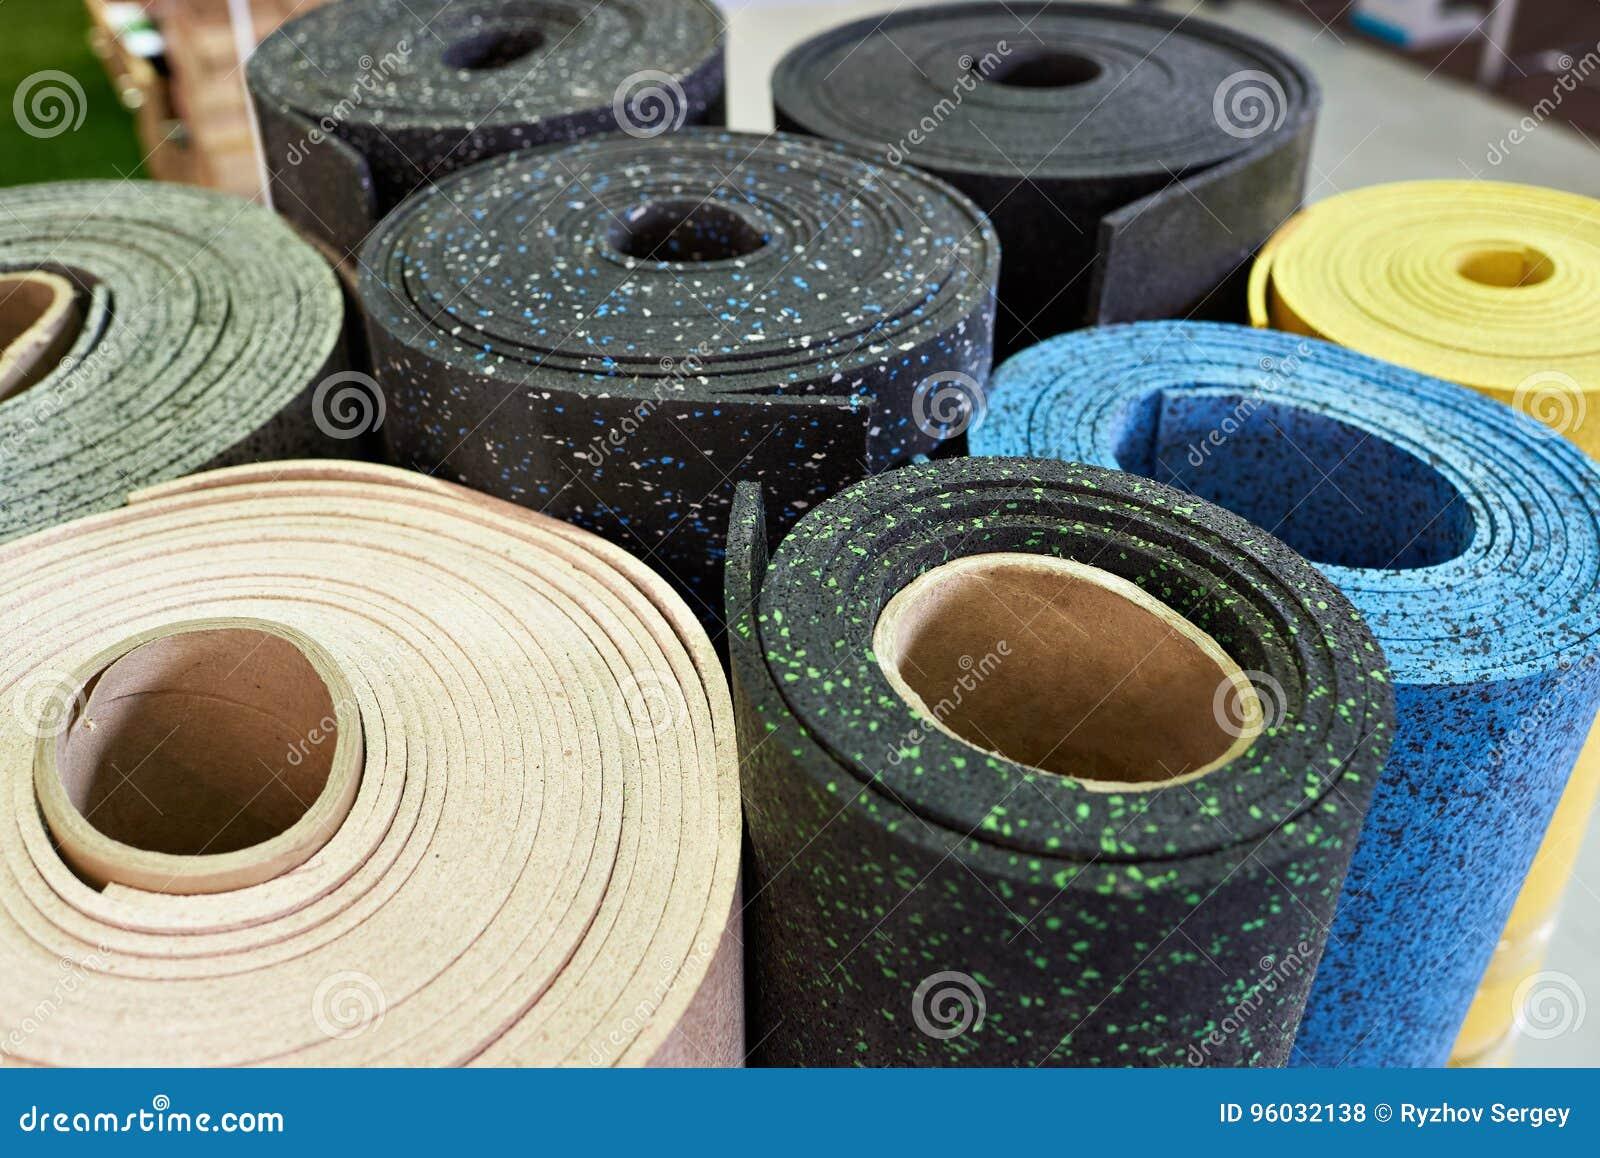 Plastic rubbervloerbedekkingen voor sportgymnastiek